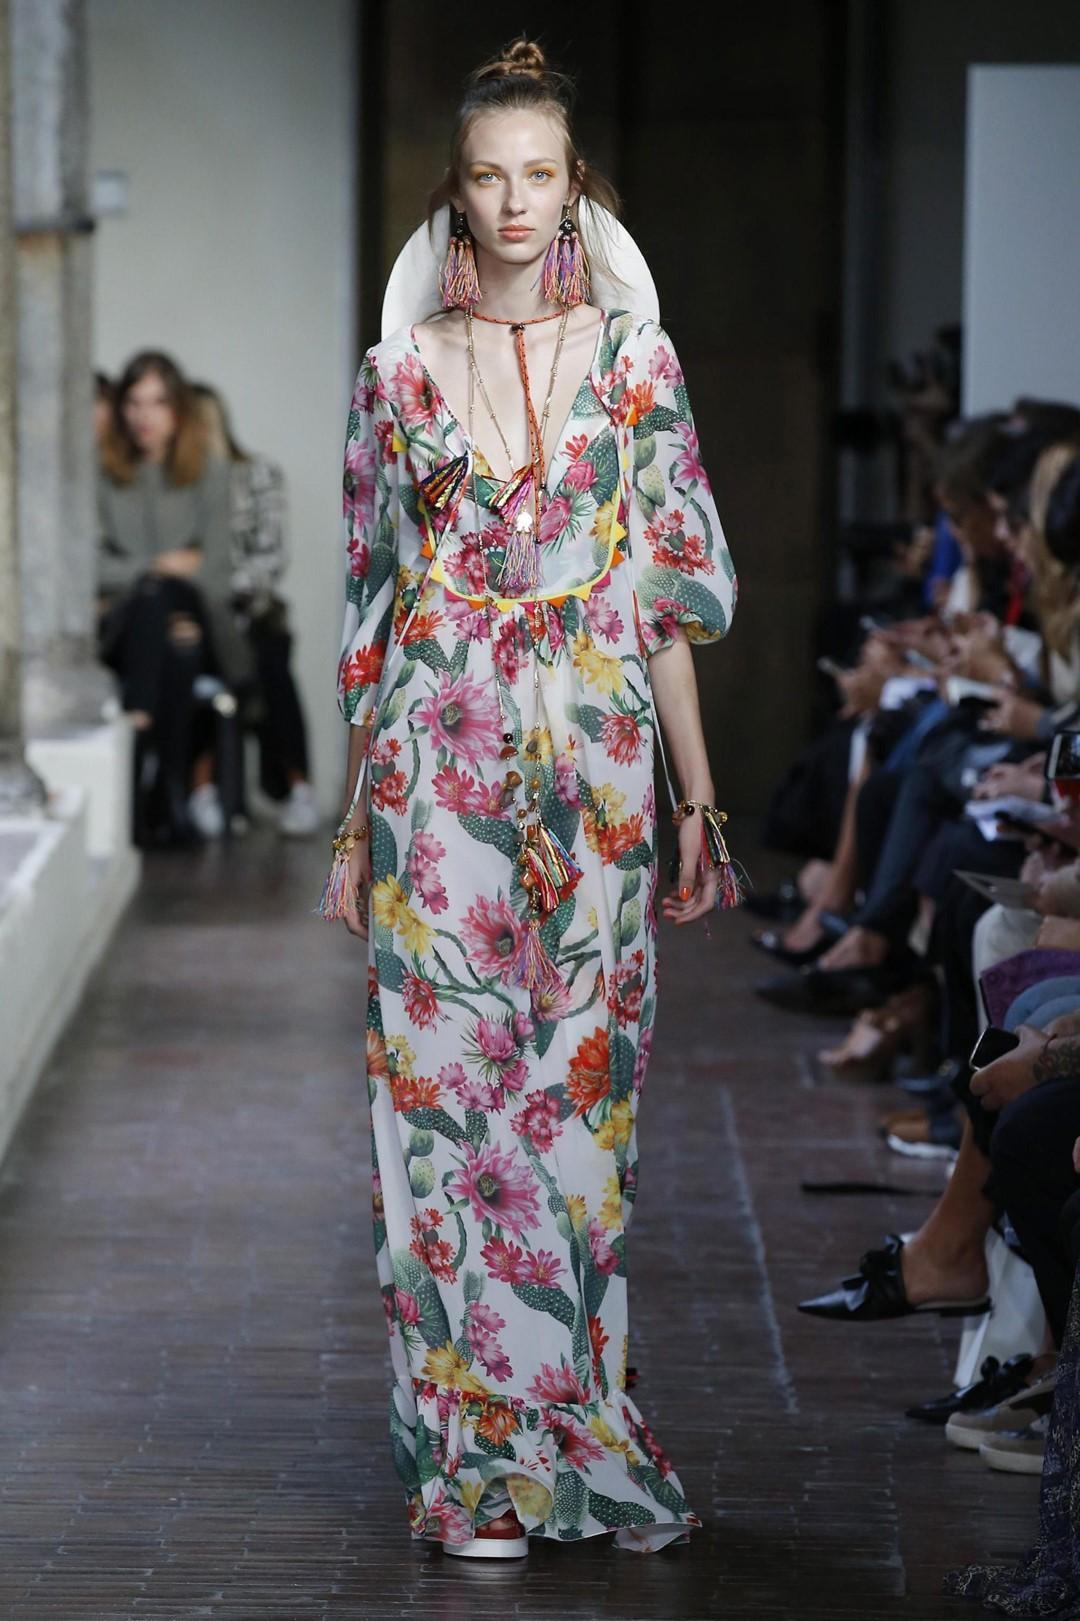 Moda primavera-estate 2017 lo stile in fiore